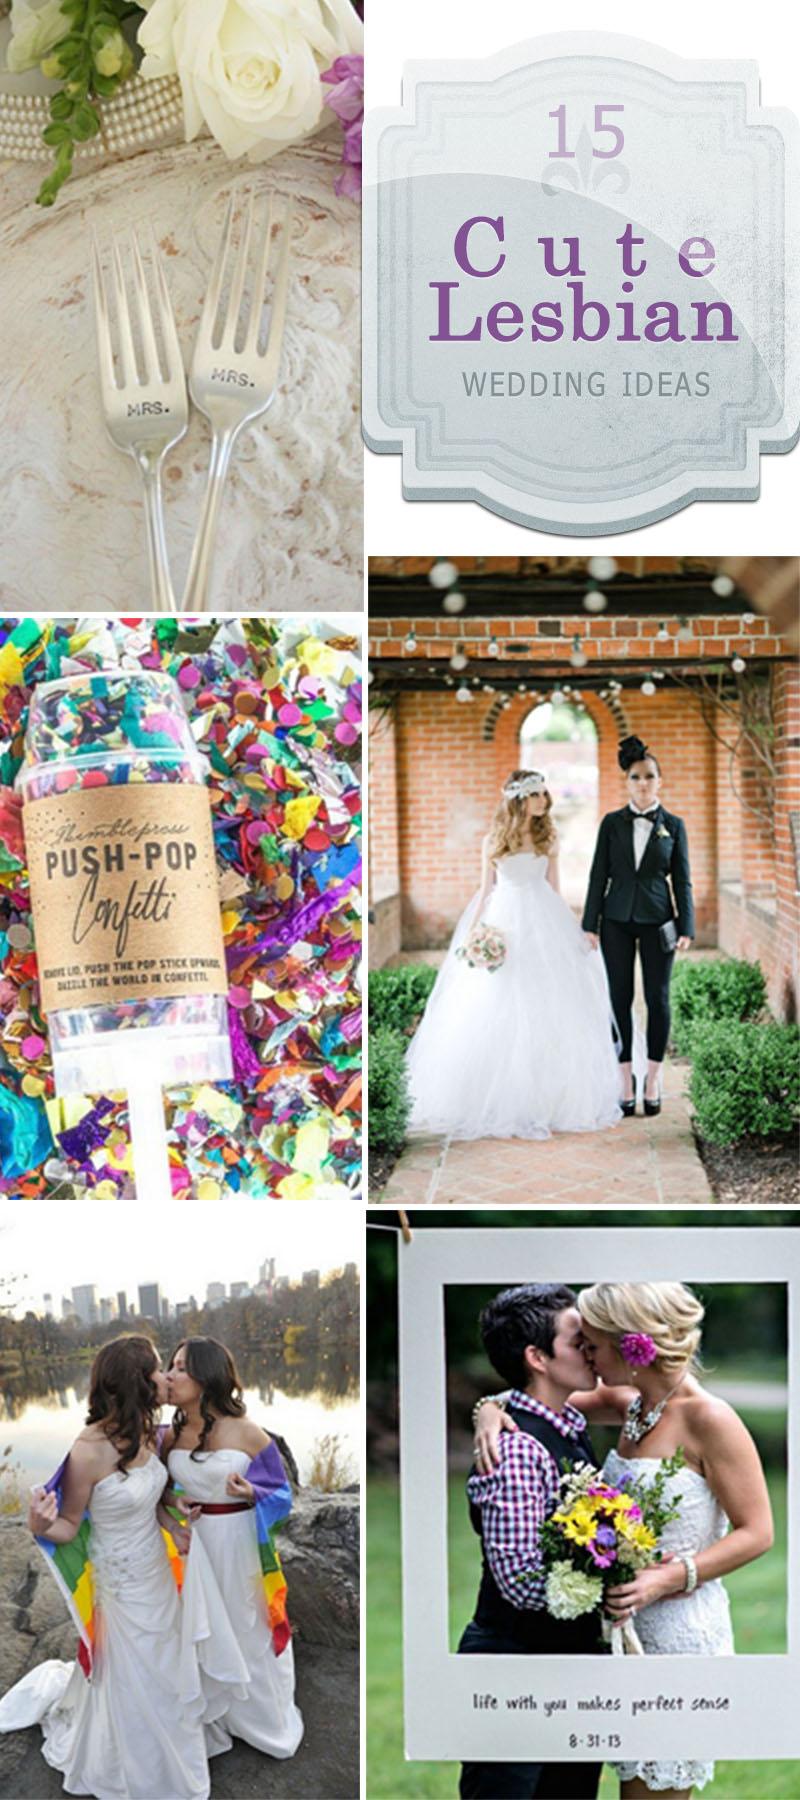 cute lesbian wedding ideas lesbian wedding ideas Cute Lesbian Wedding Ideas